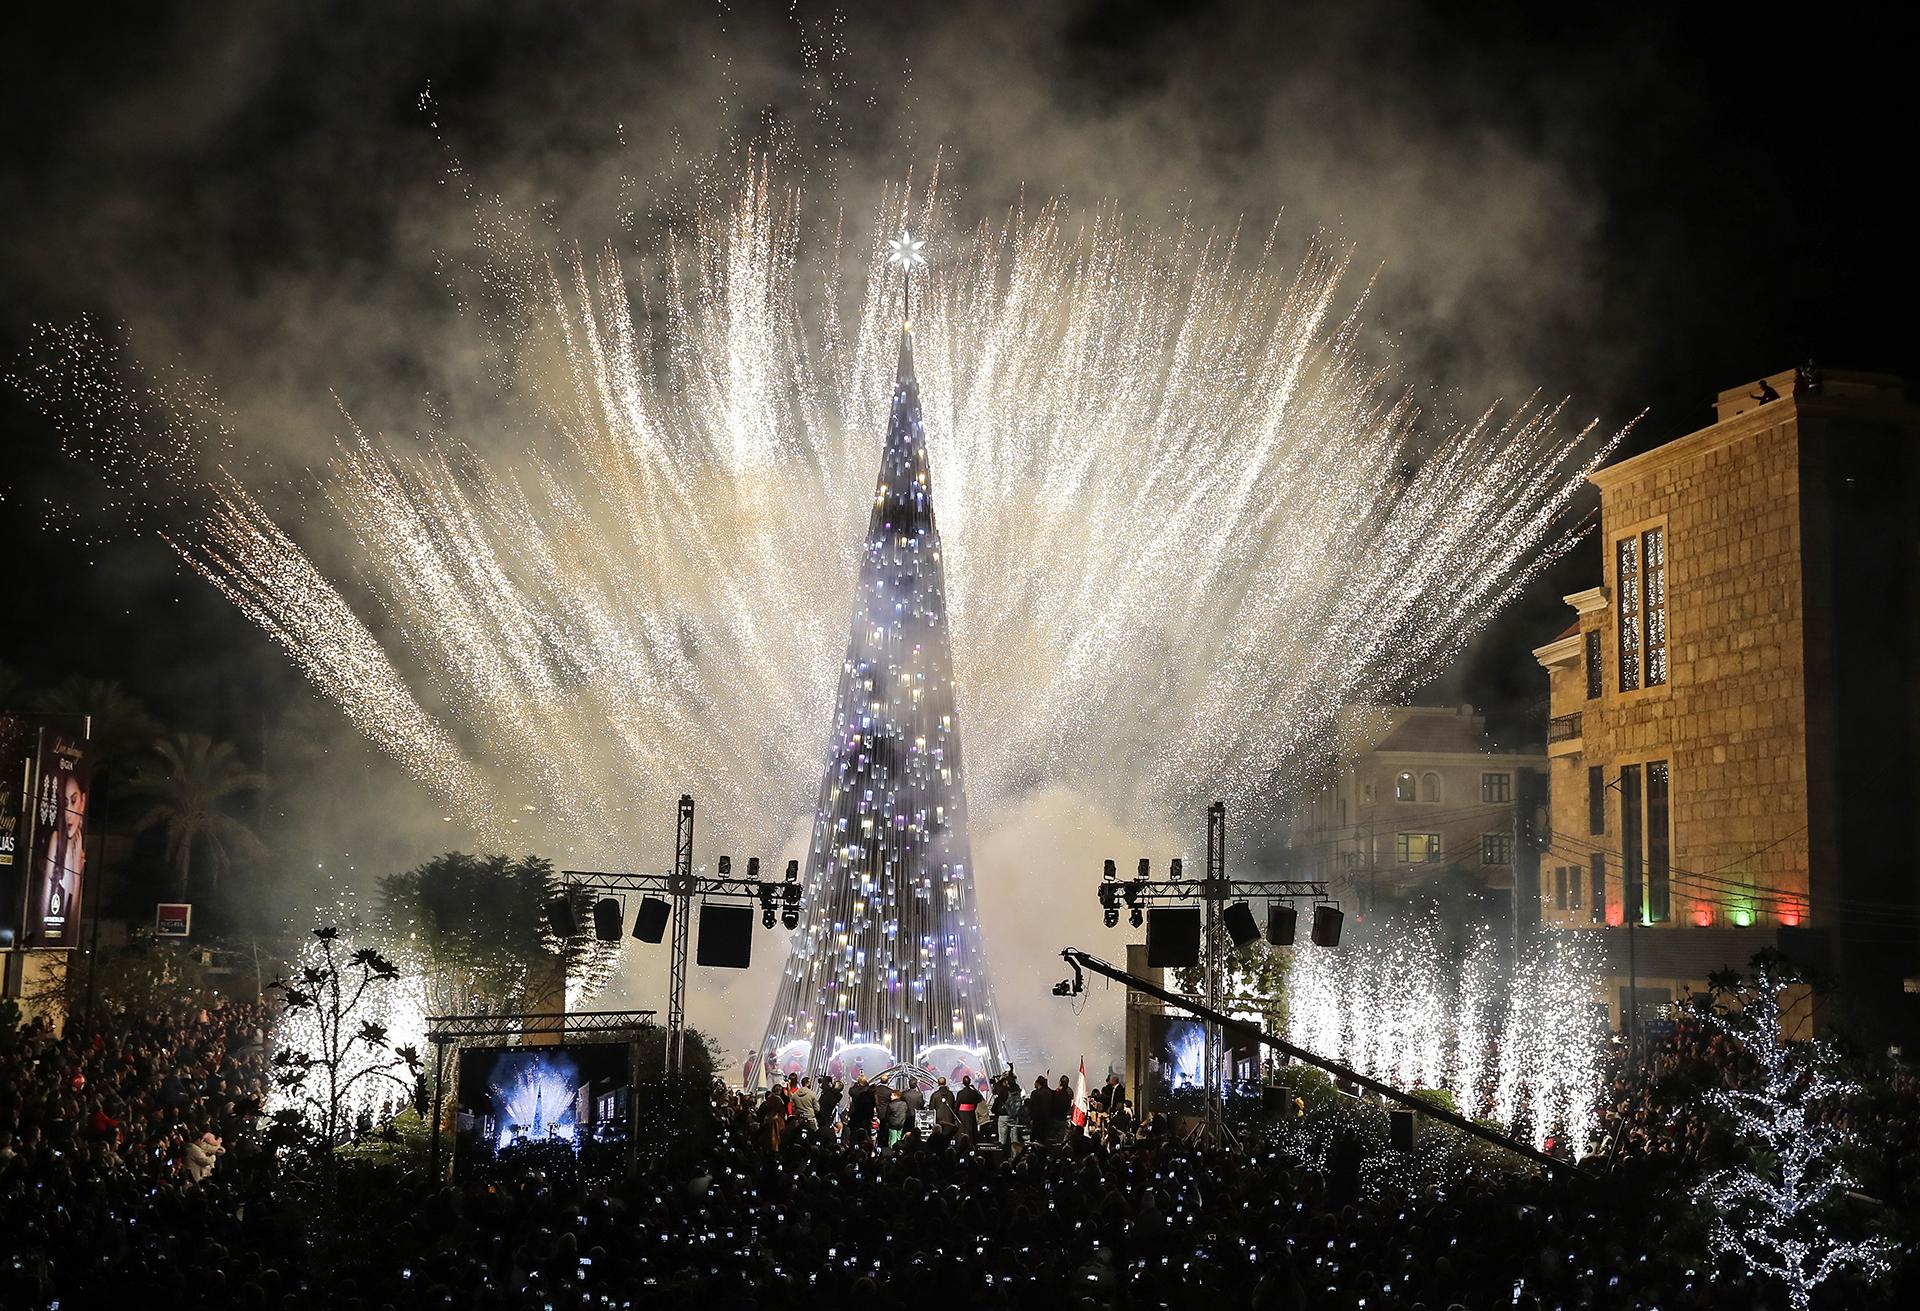 Los fuegos artificiales enmarcan el árbol en la plaza de Biblos, al norte de Beirut, Líbano